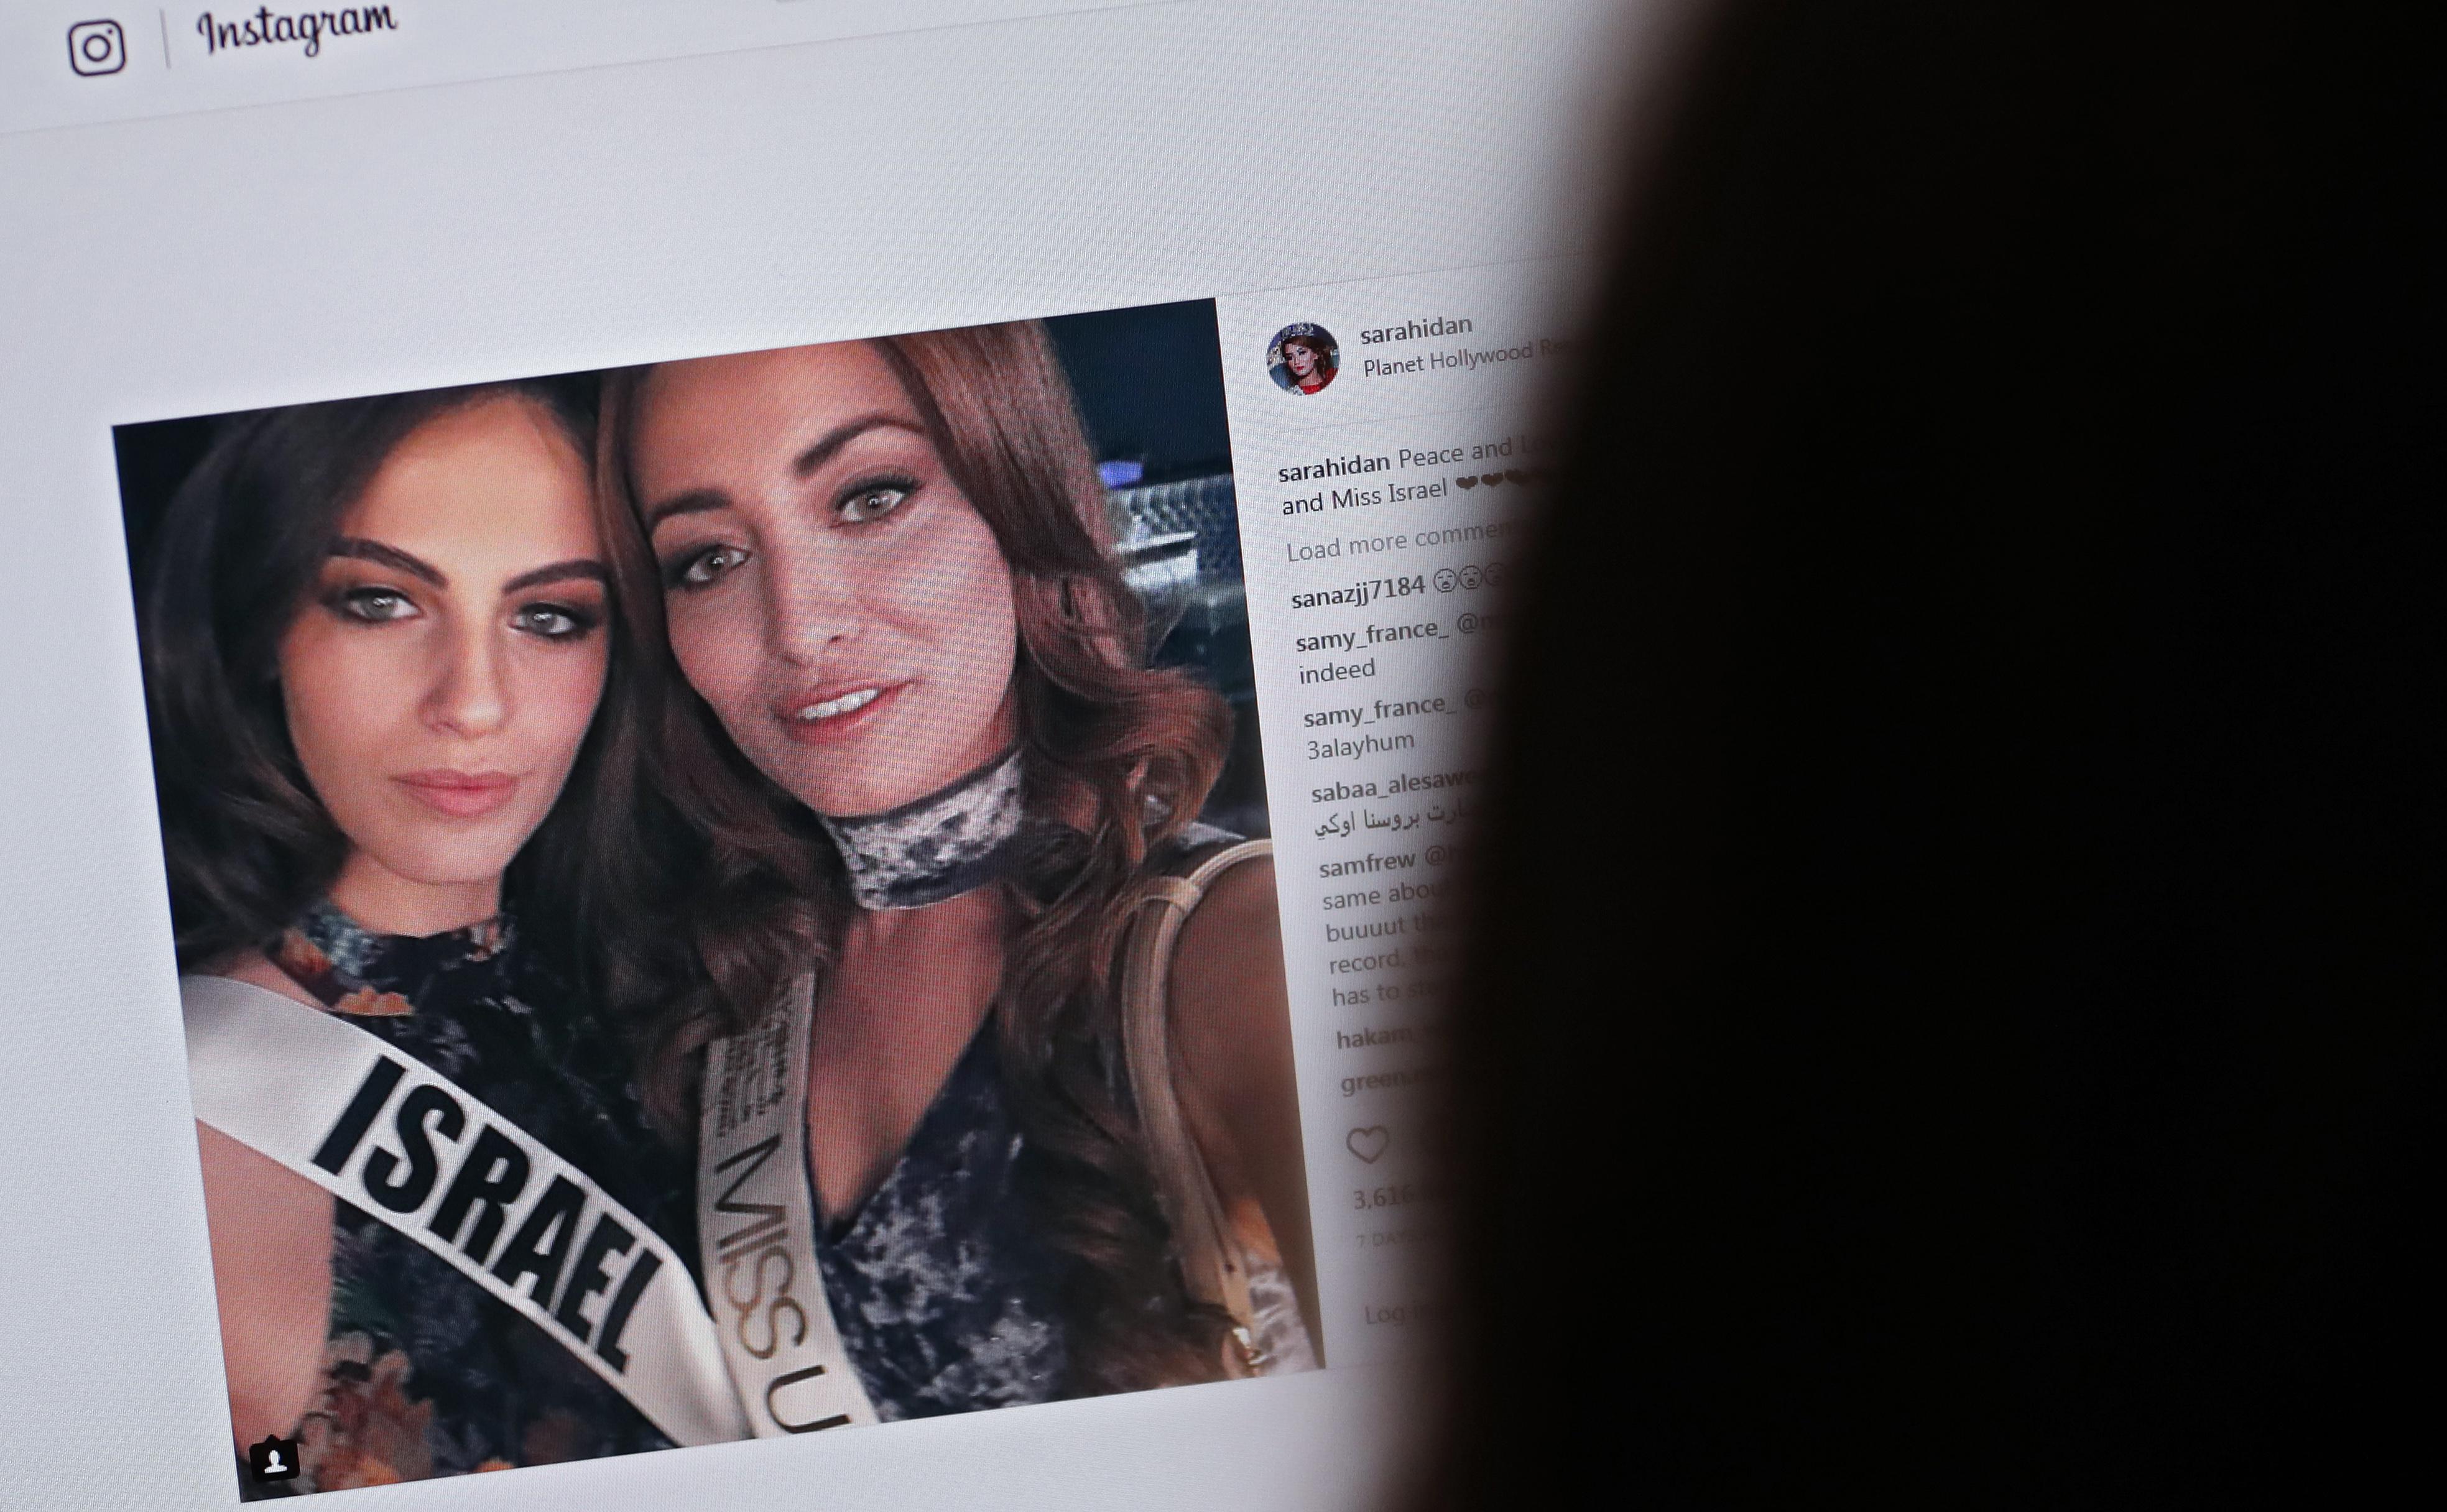 صورة سارة عيدان مع ملكة جمال إسرائيل التي أثارت الضجة